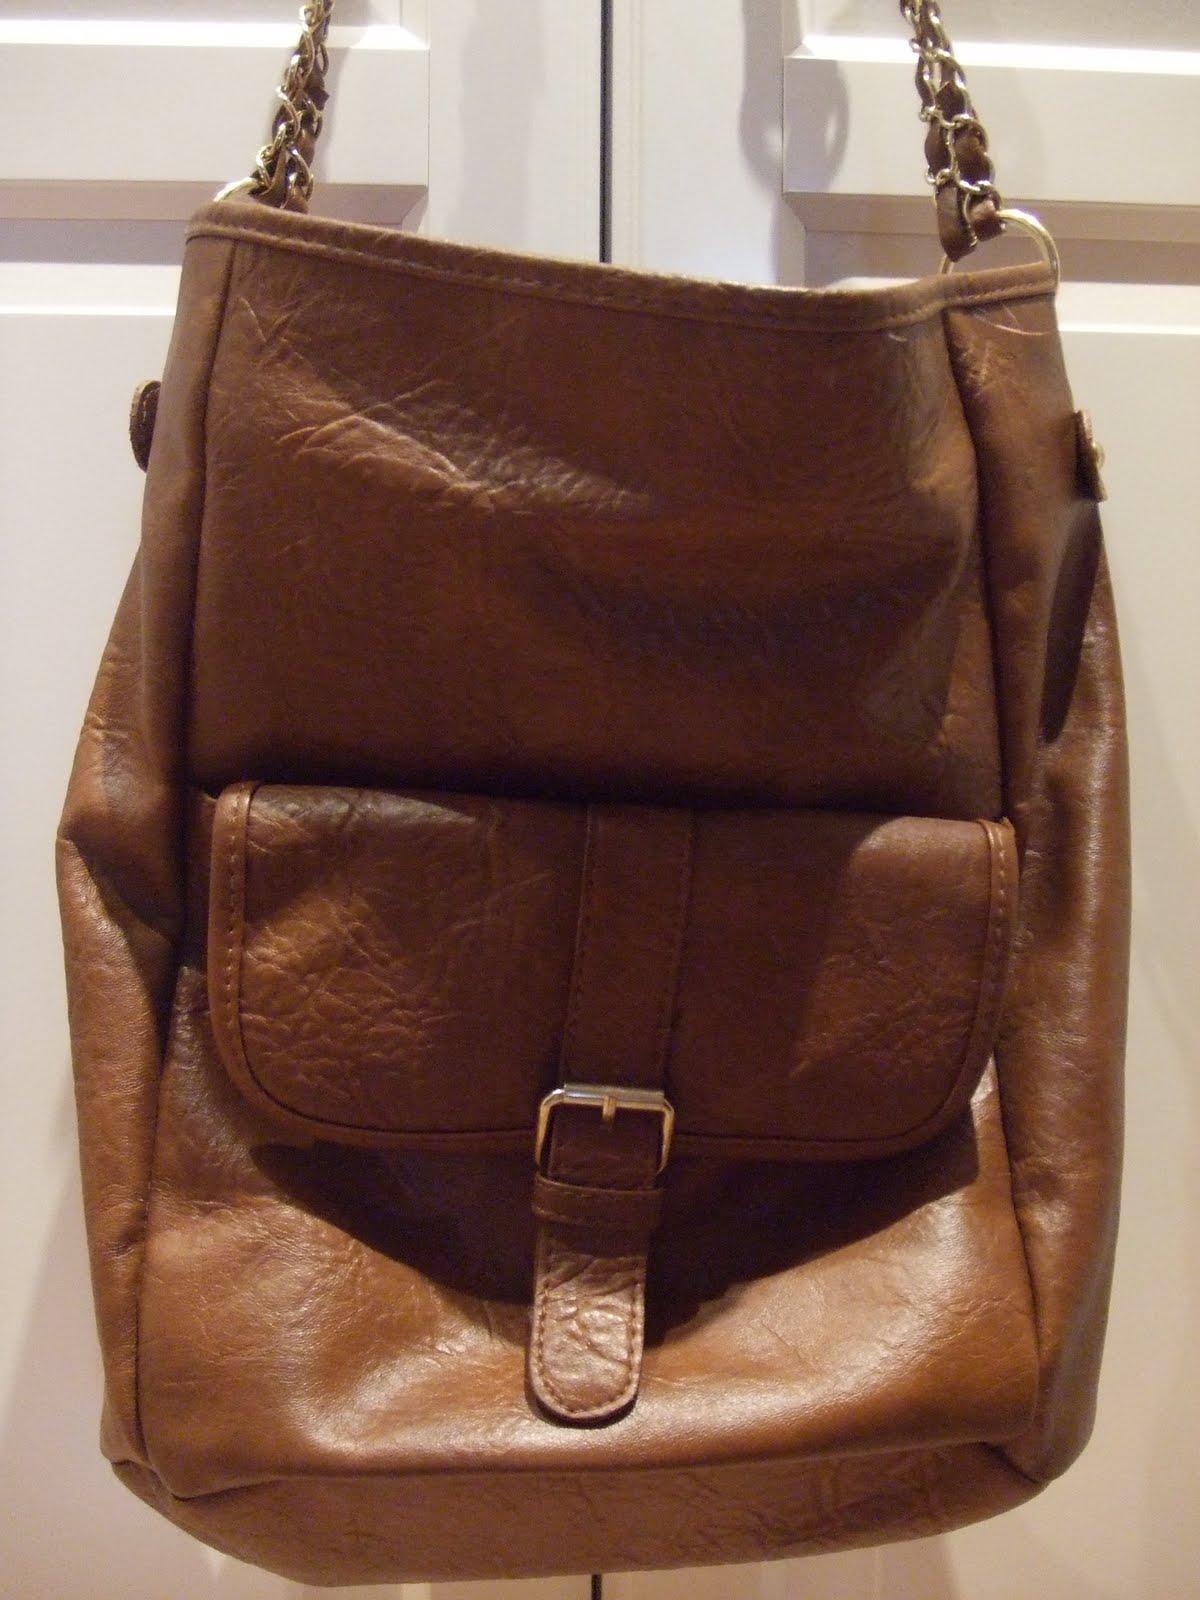 e222111d65b8a4 Bolsos lowcost : Pinceladas de estilo - Blog de moda, tendencias y ...